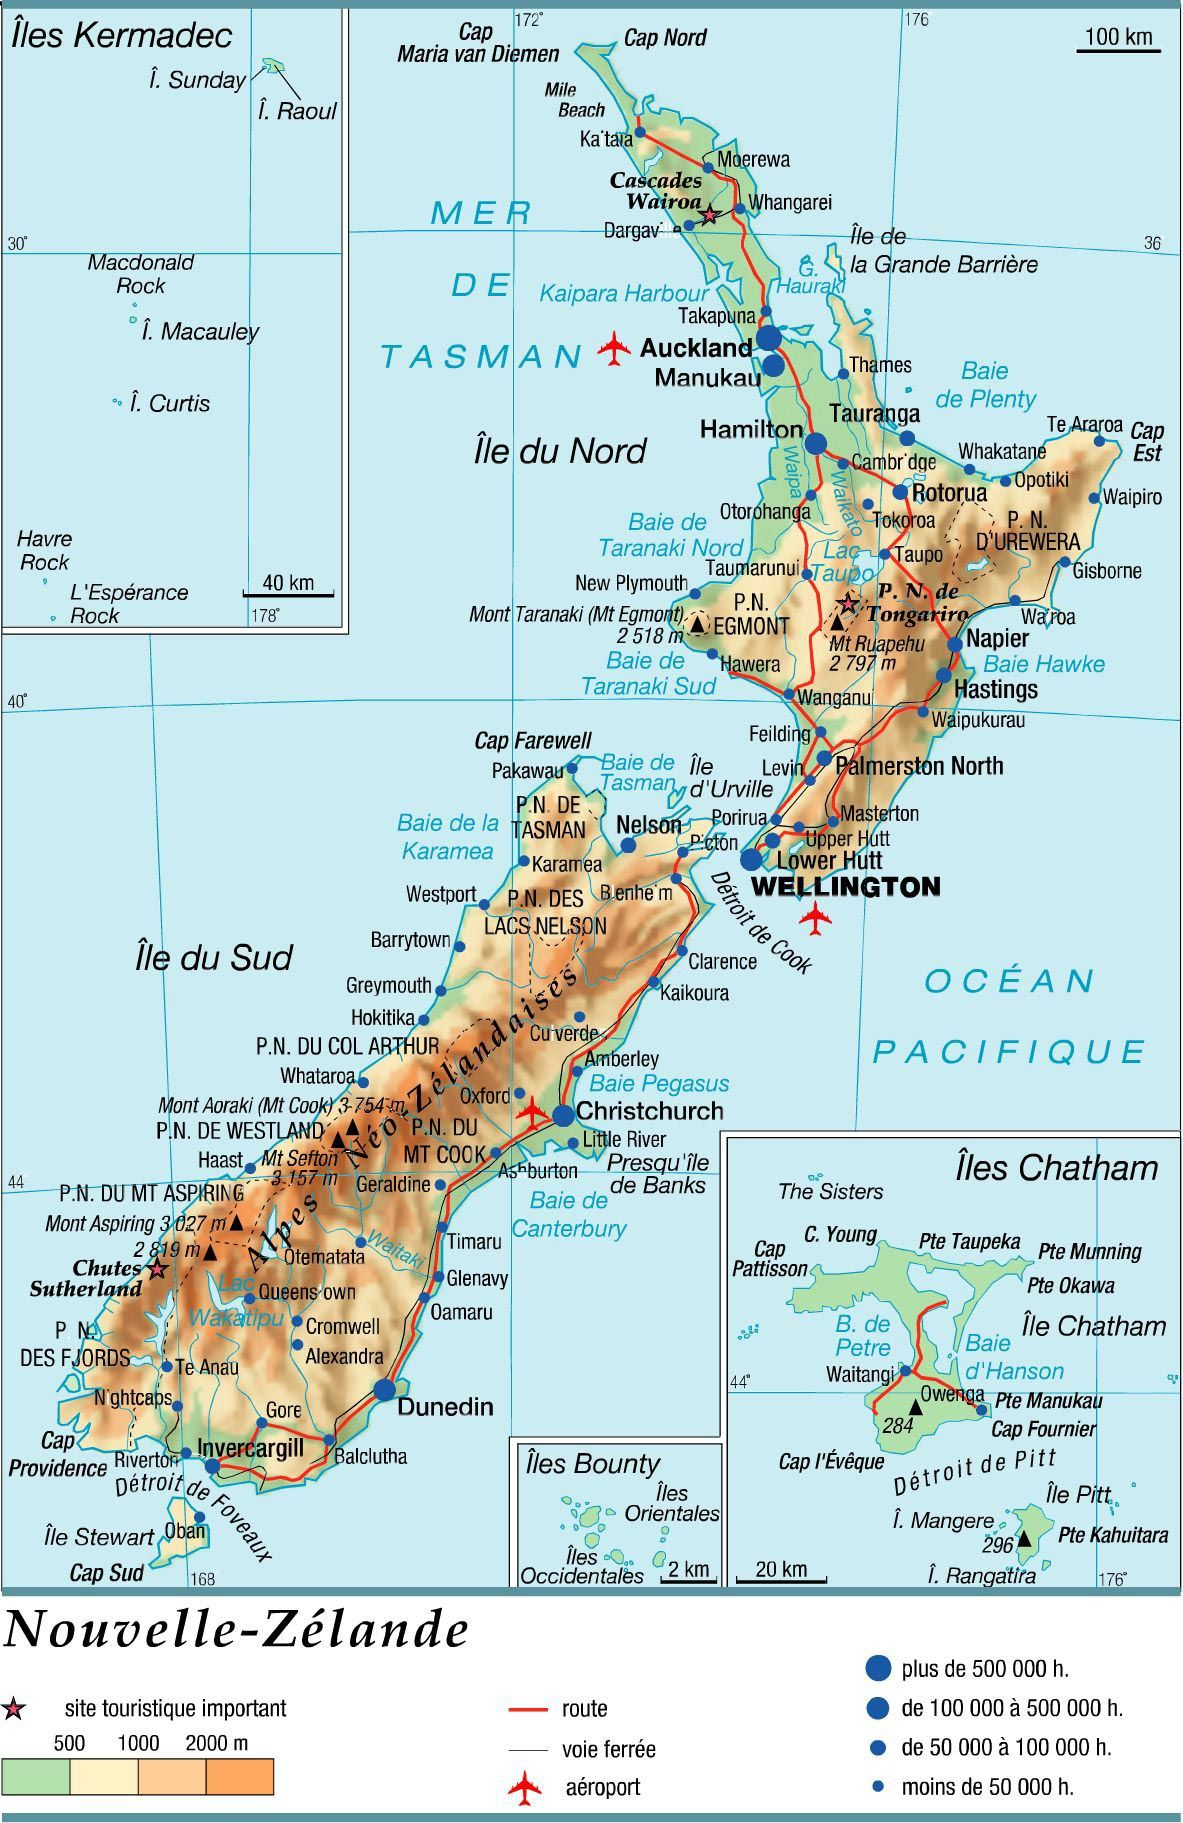 La Nouvelle Zelande Avec Images Nouvelle Zelande Zelande